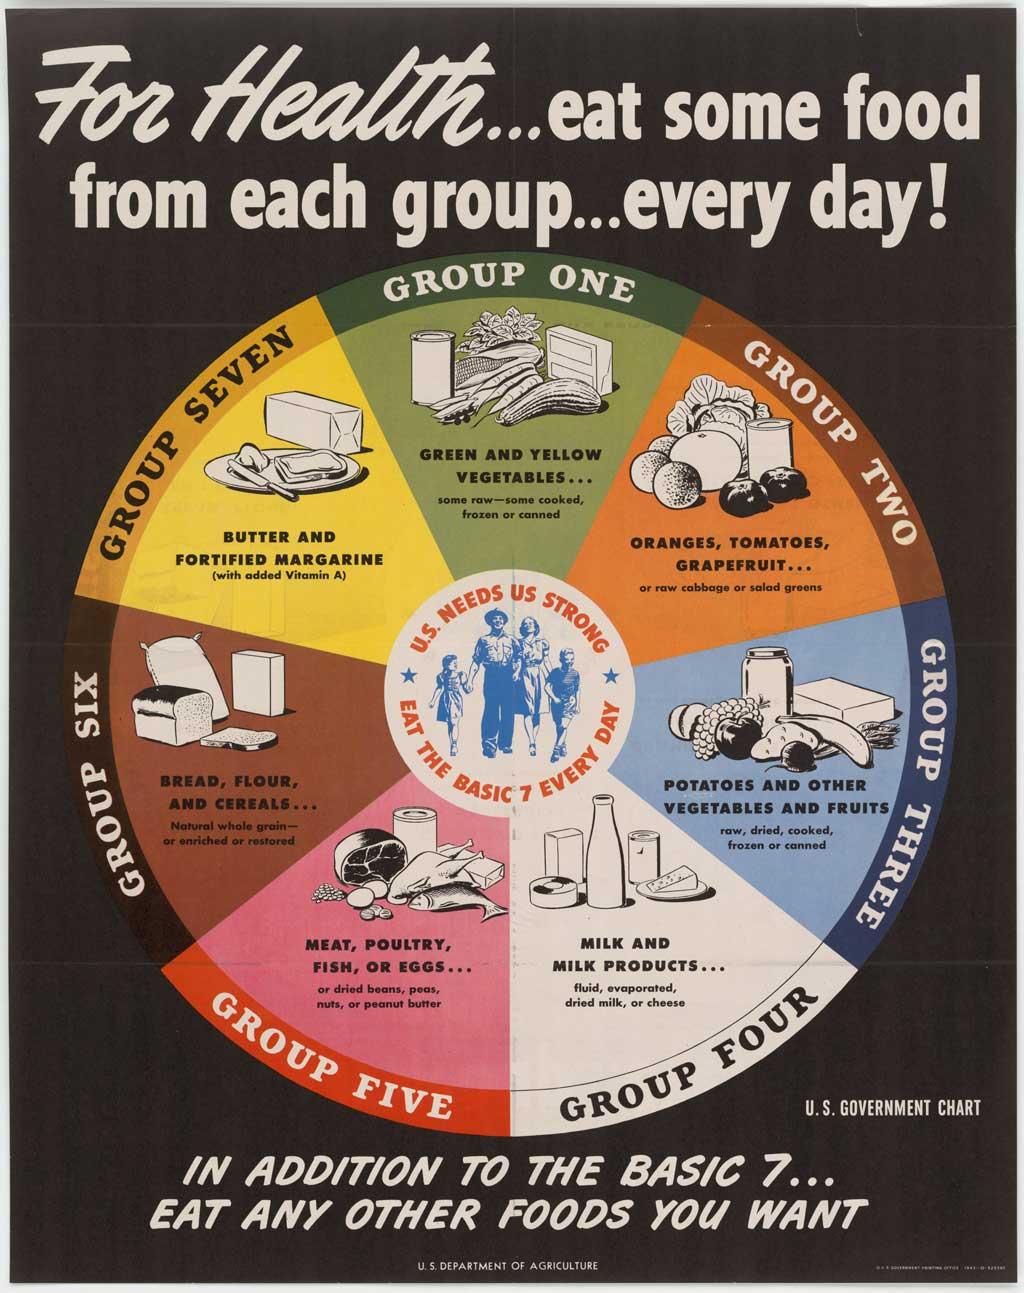 21 st century life skills framework thinglink fnu edu